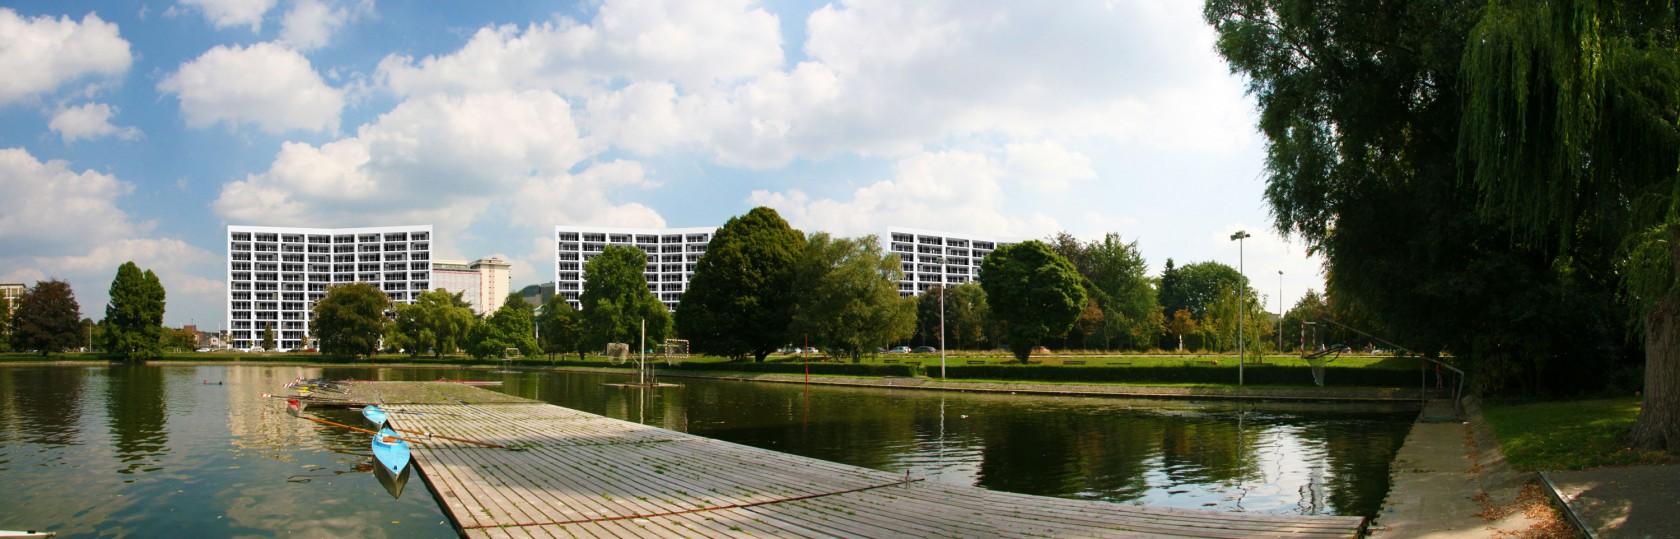 Abscis Architecten - Sociale woningbouw Jubileumlaan